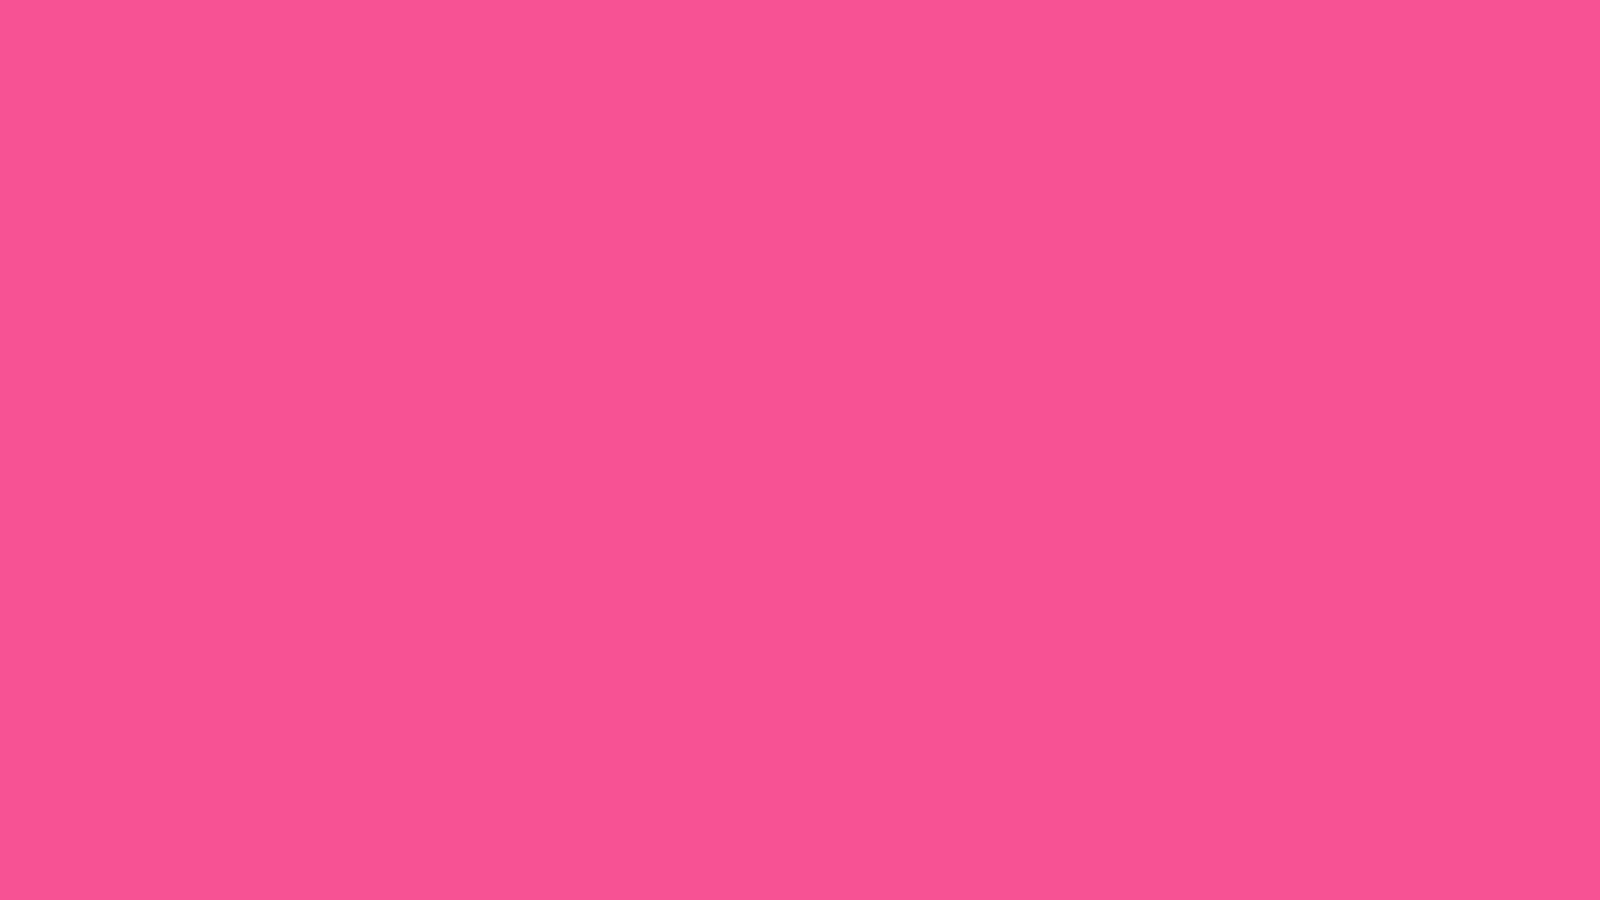 1600x900 Violet-red Solid Color Background